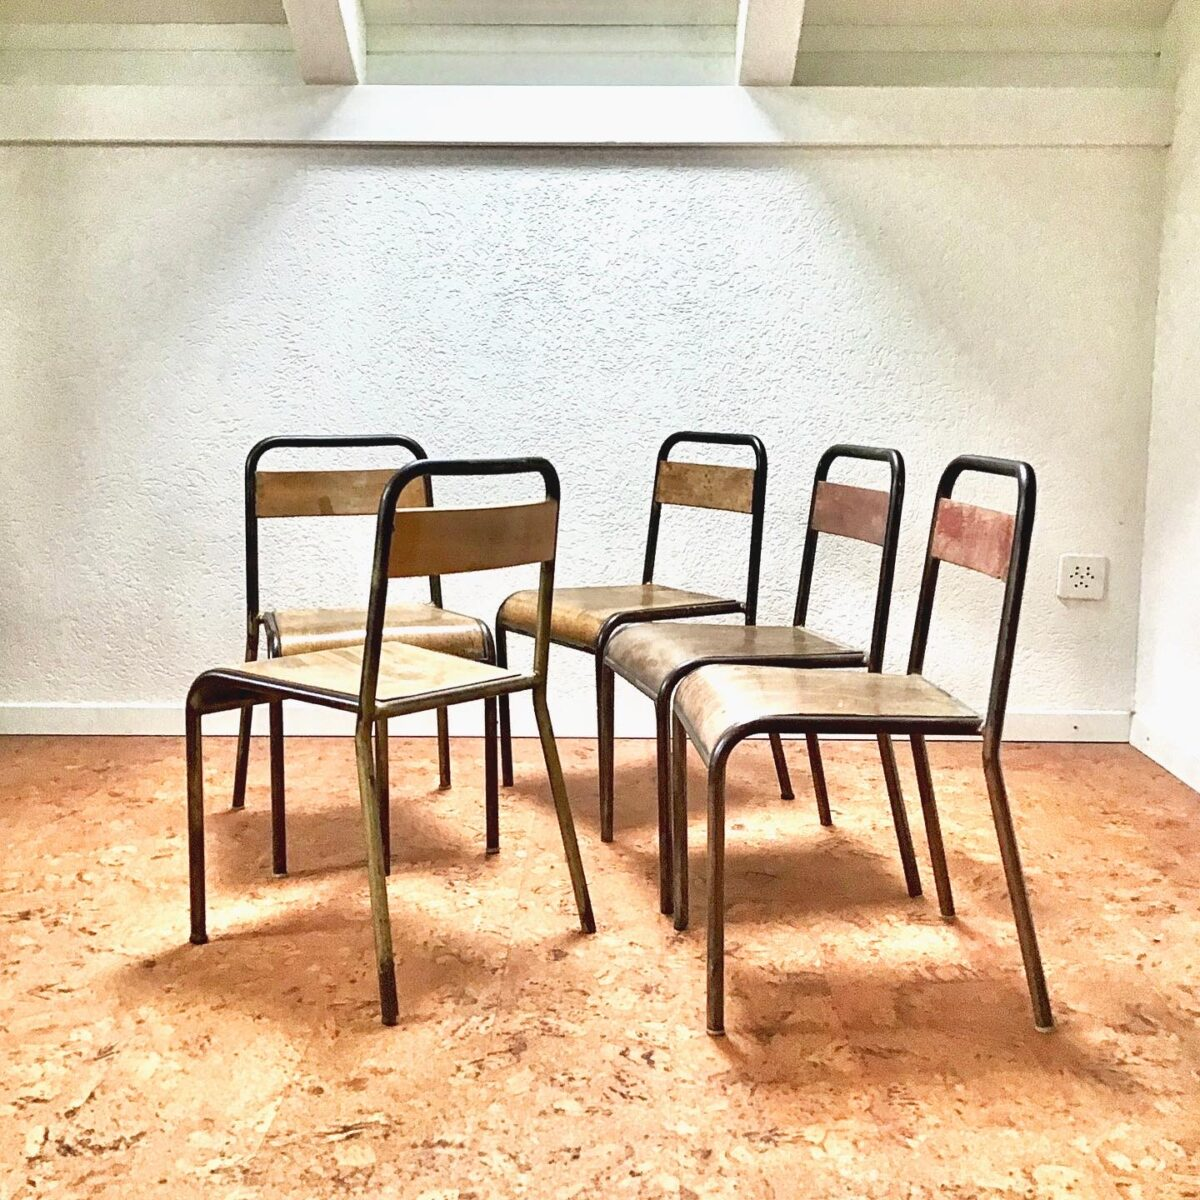 Alte französische Metallstühle, Sitzfläche formsperrholz, lehne aus Vollholz. Metall Gestell mit schöner braun goldener Patina.